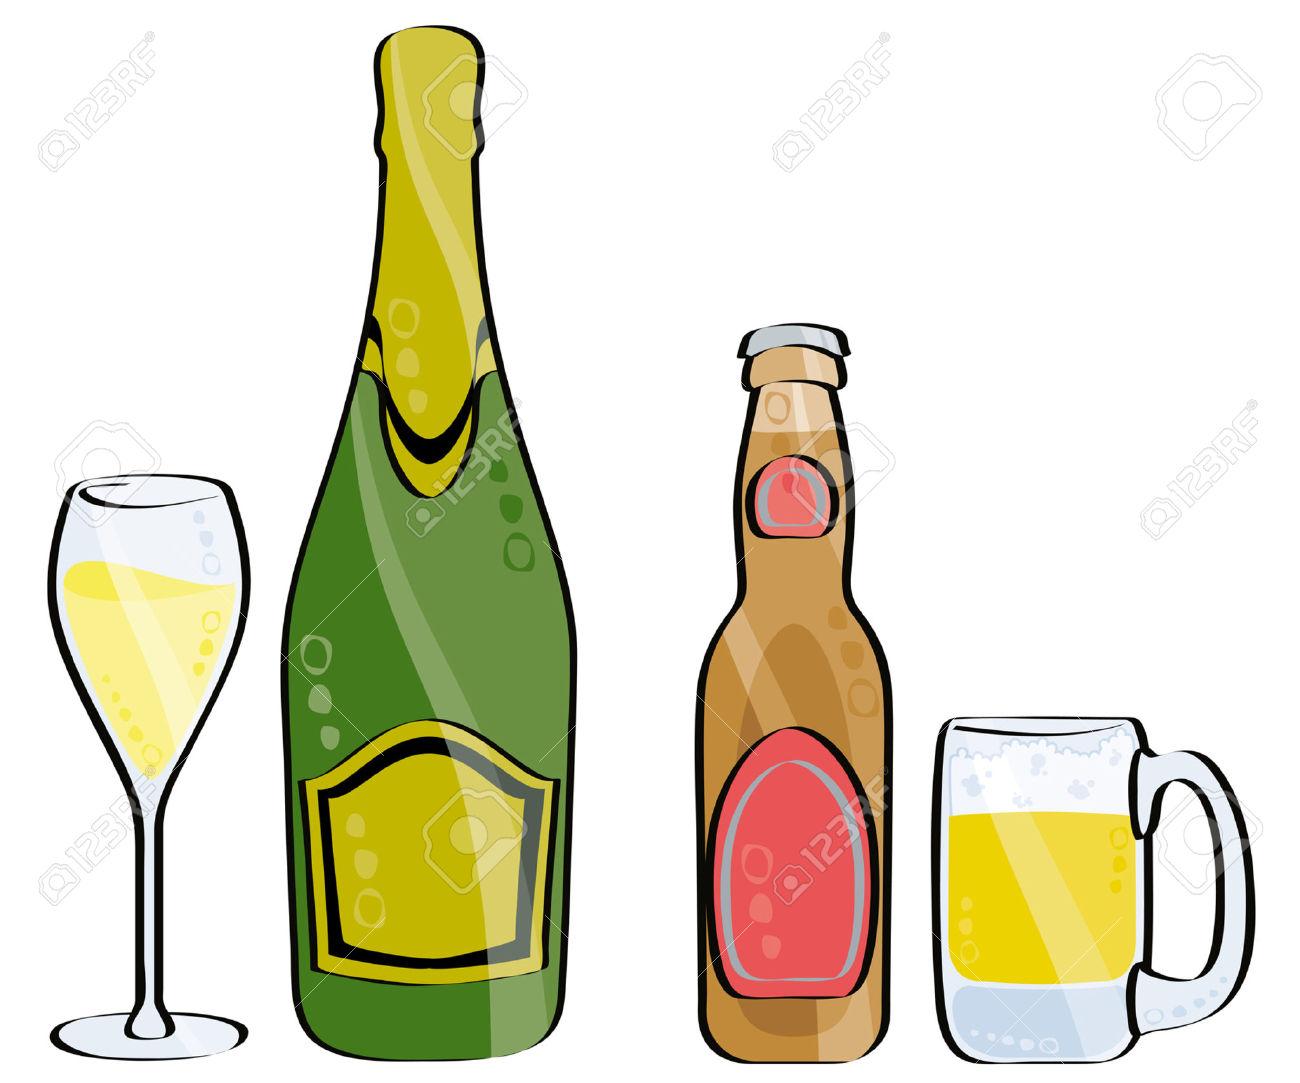 Bier und wein clipart clip art freeuse download Glas Und Flasche Champagner Und Bier Isolated On White Lizenzfrei ... clip art freeuse download